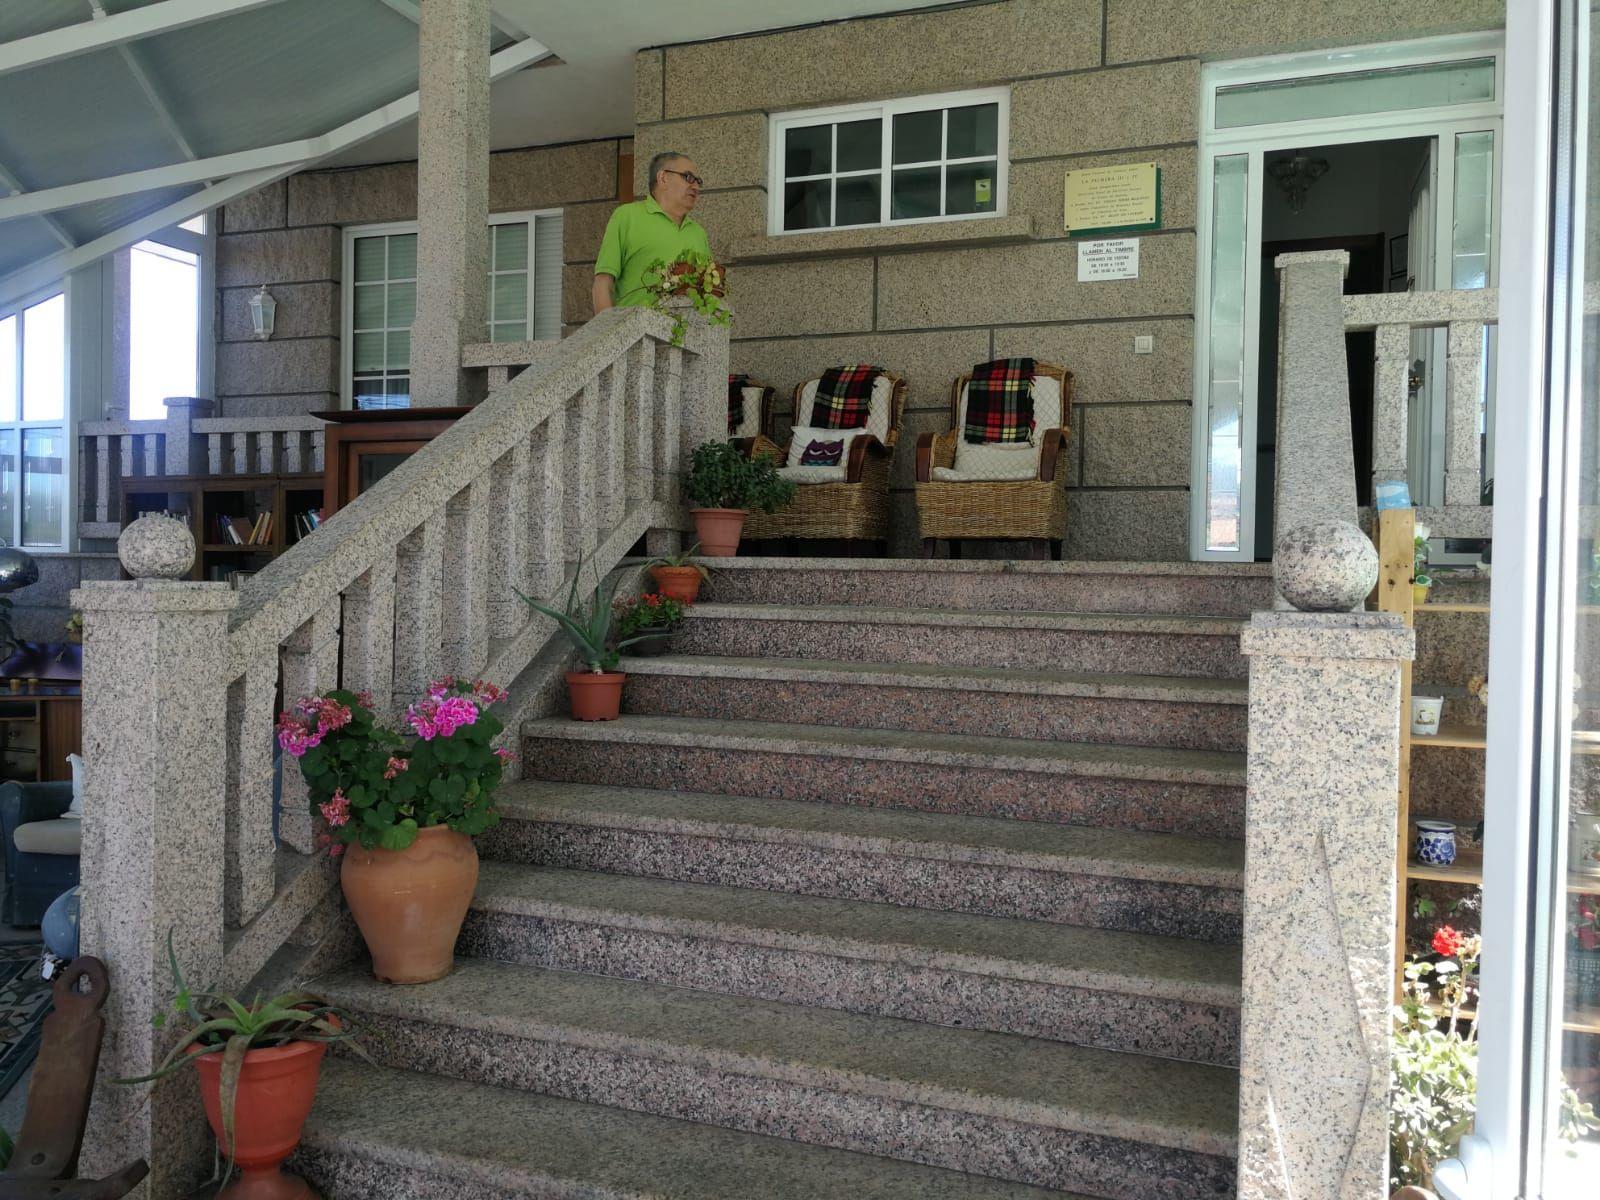 Nuestras instalaciones se encuentran en Beade, Vigo, enclave privilegiado por su entorno natural